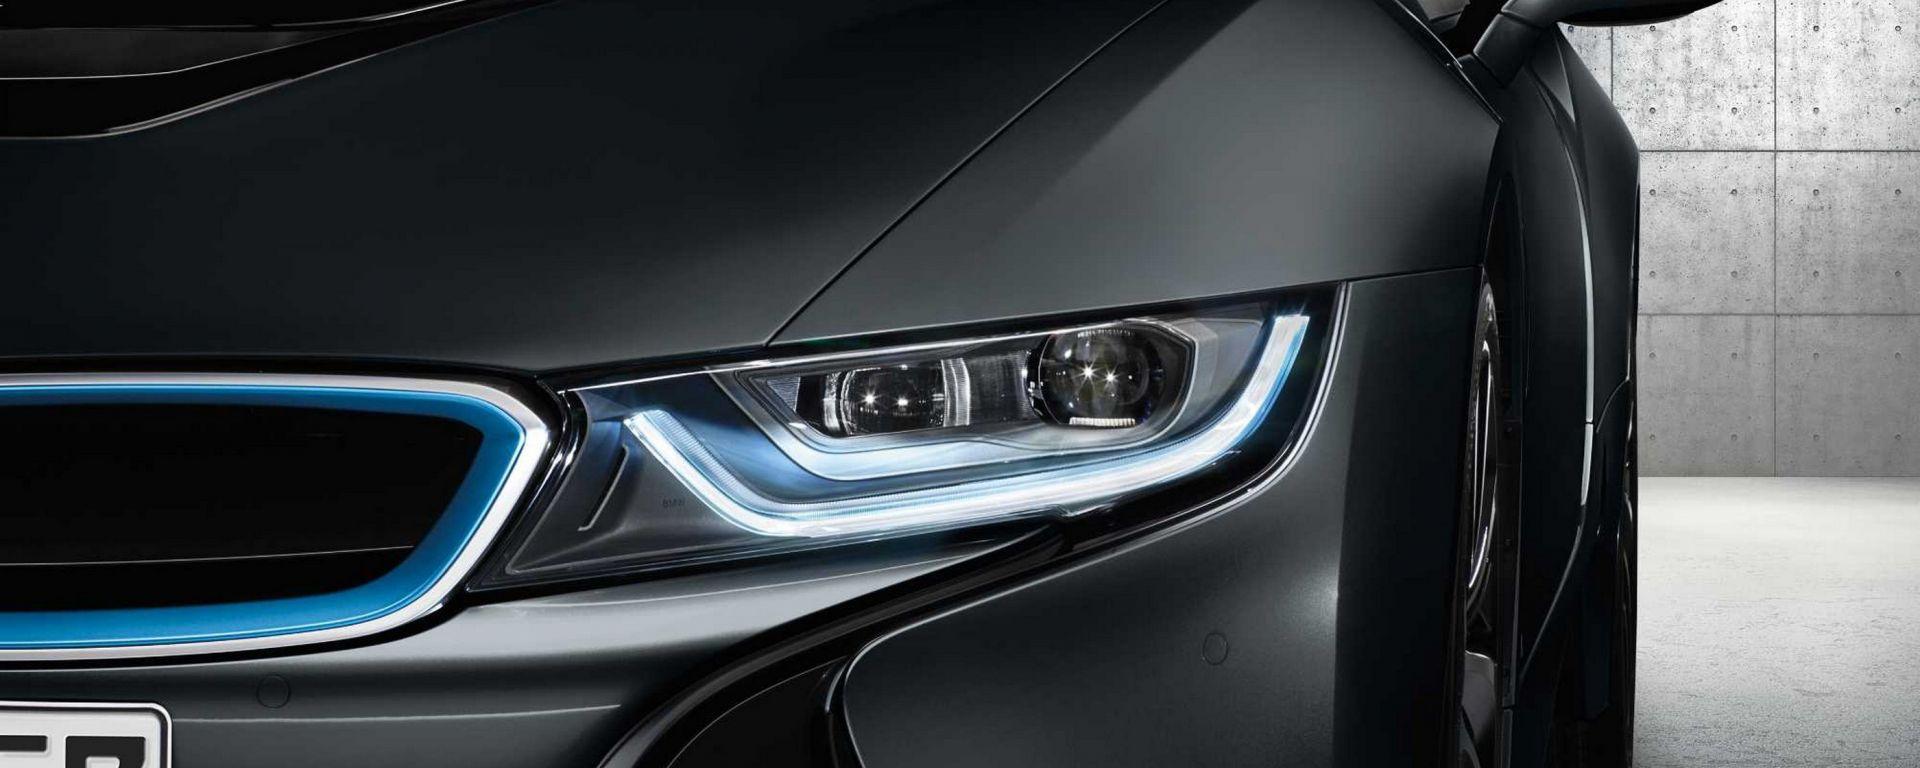 BMW i8: focus sul design